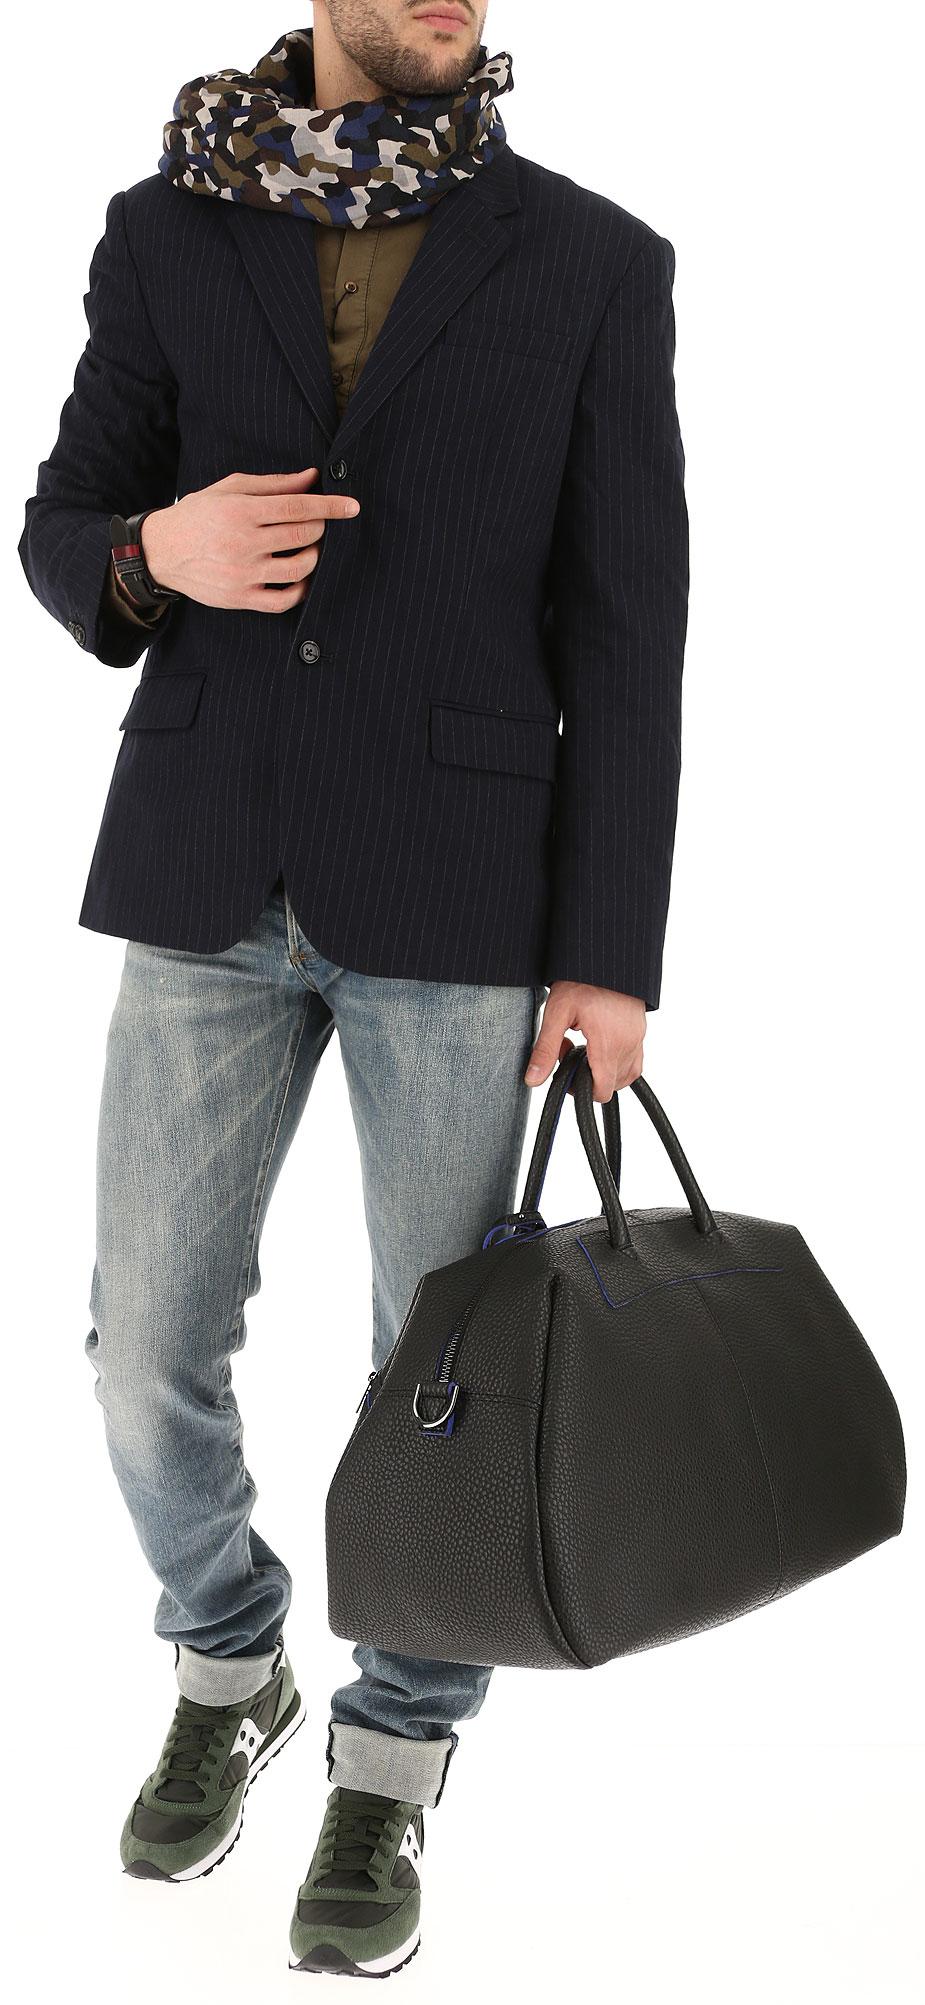 Abbigliamento Uomo Marc Jacobs, Codice Articolo: m2122409-n425-B54